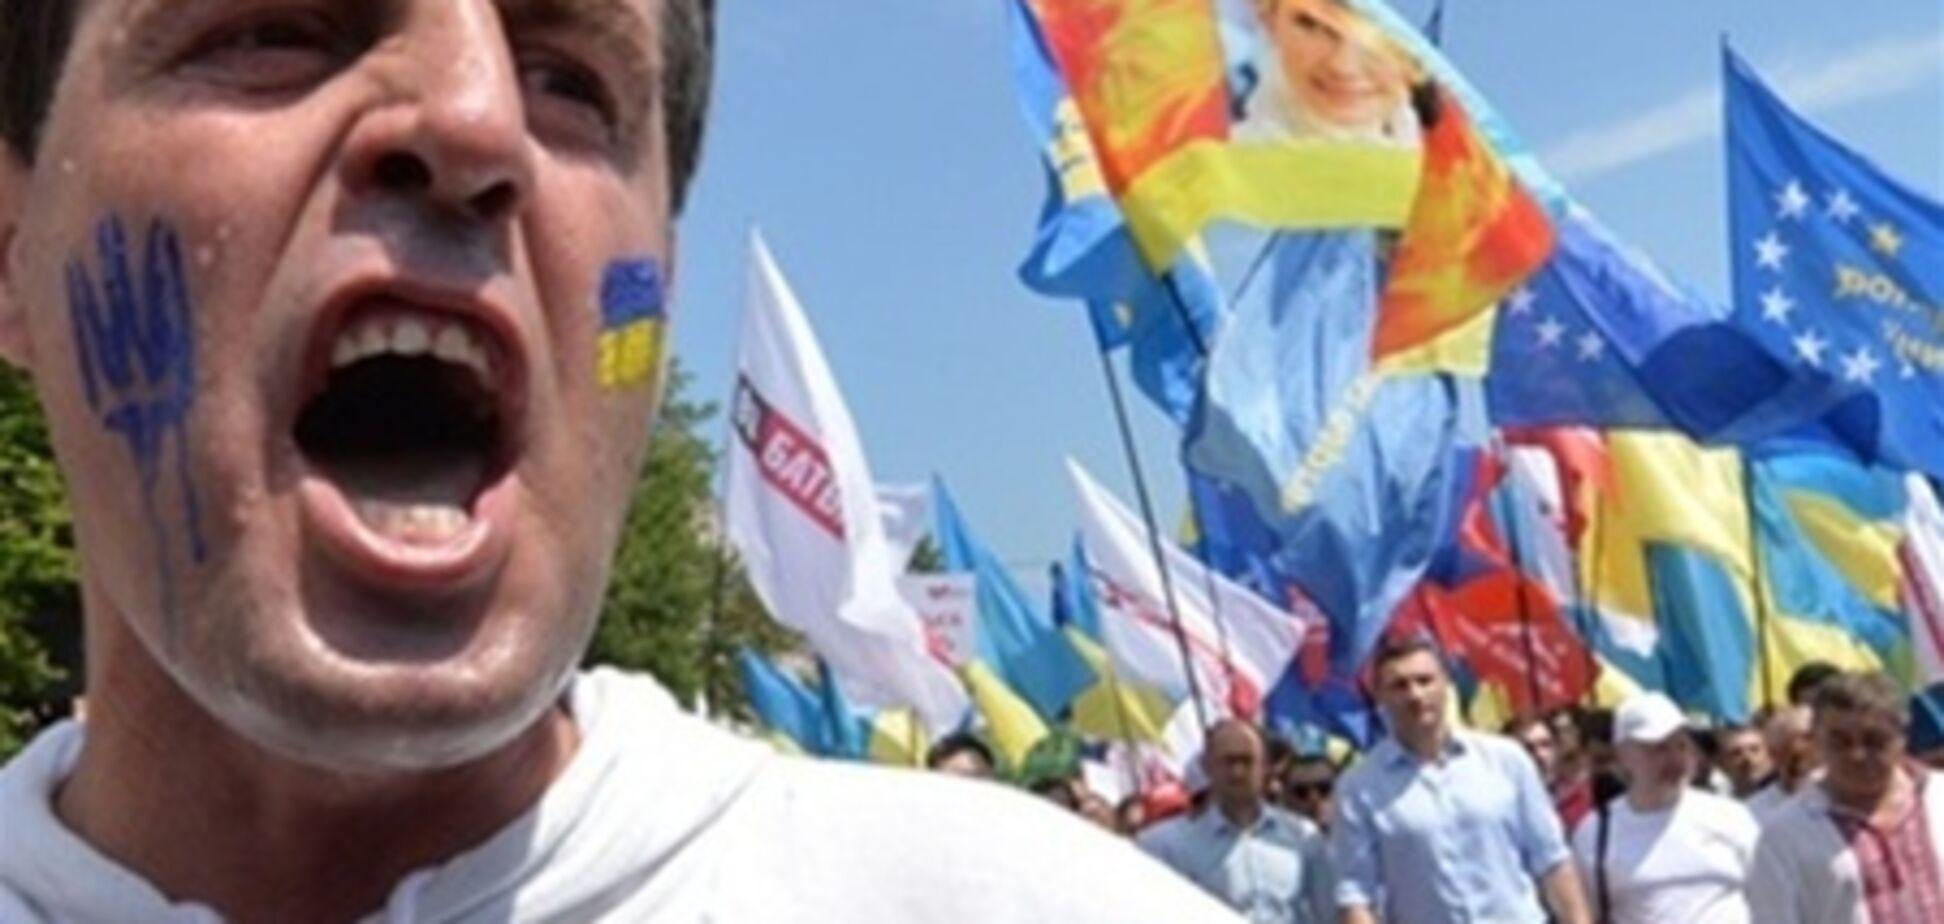 В оппозиции сомневаются в возможности поднять народ за выборы в Киеве